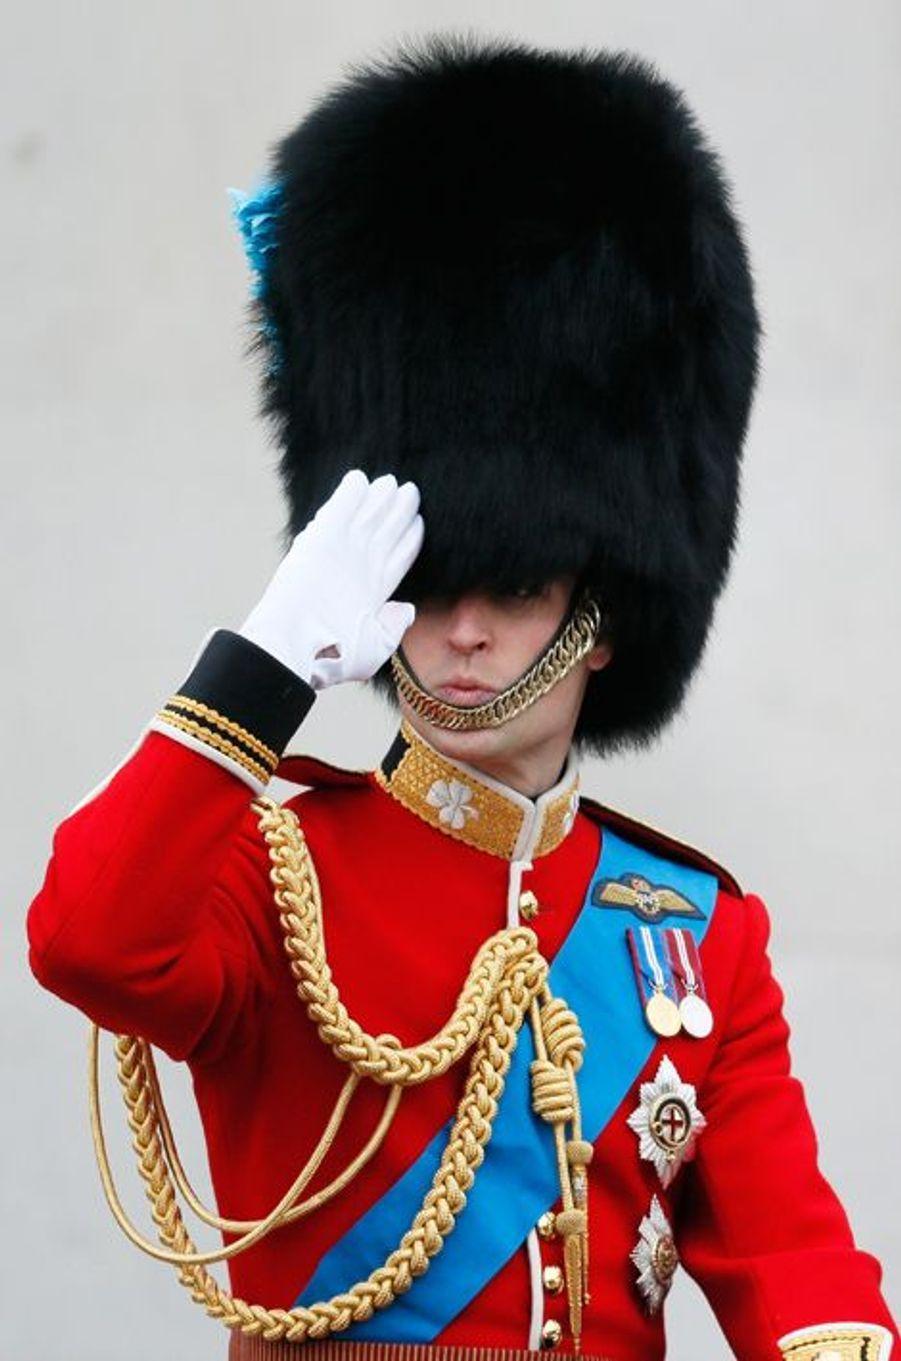 Le prince William à la cérémonie Trooping the Colour à Londres, à l'occasion de l'anniversaire de la reine Elizabeth